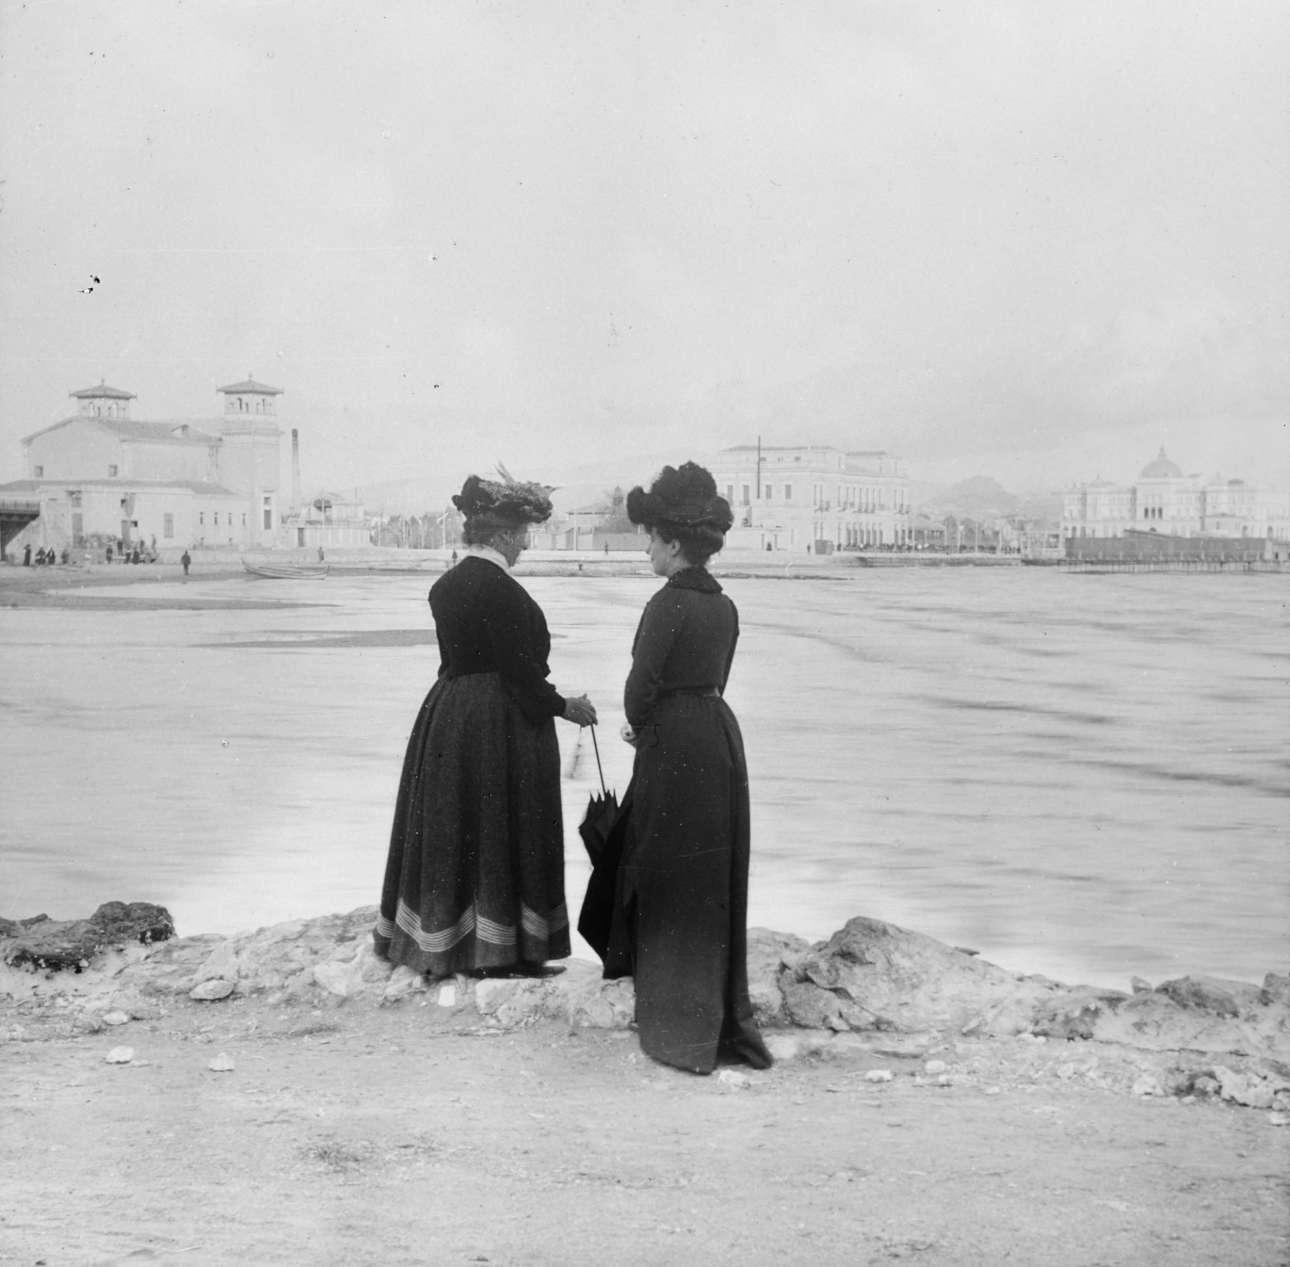 Γυναίκες στο Νέο Φάληρο. Στο βάθος διακρίνονται, από αριστερά προς δεξιά, το νέο θέατρο που κτίσθηκε το 1896, το ξενοδοχείο του σταθμού με την προσθήκη του τρίτου ορόφου, το νεόδμητο ξενοδοχείο «Ακταίον» και η εξέδρα με τις καμπίνες των θαλάσσιων λουτρών